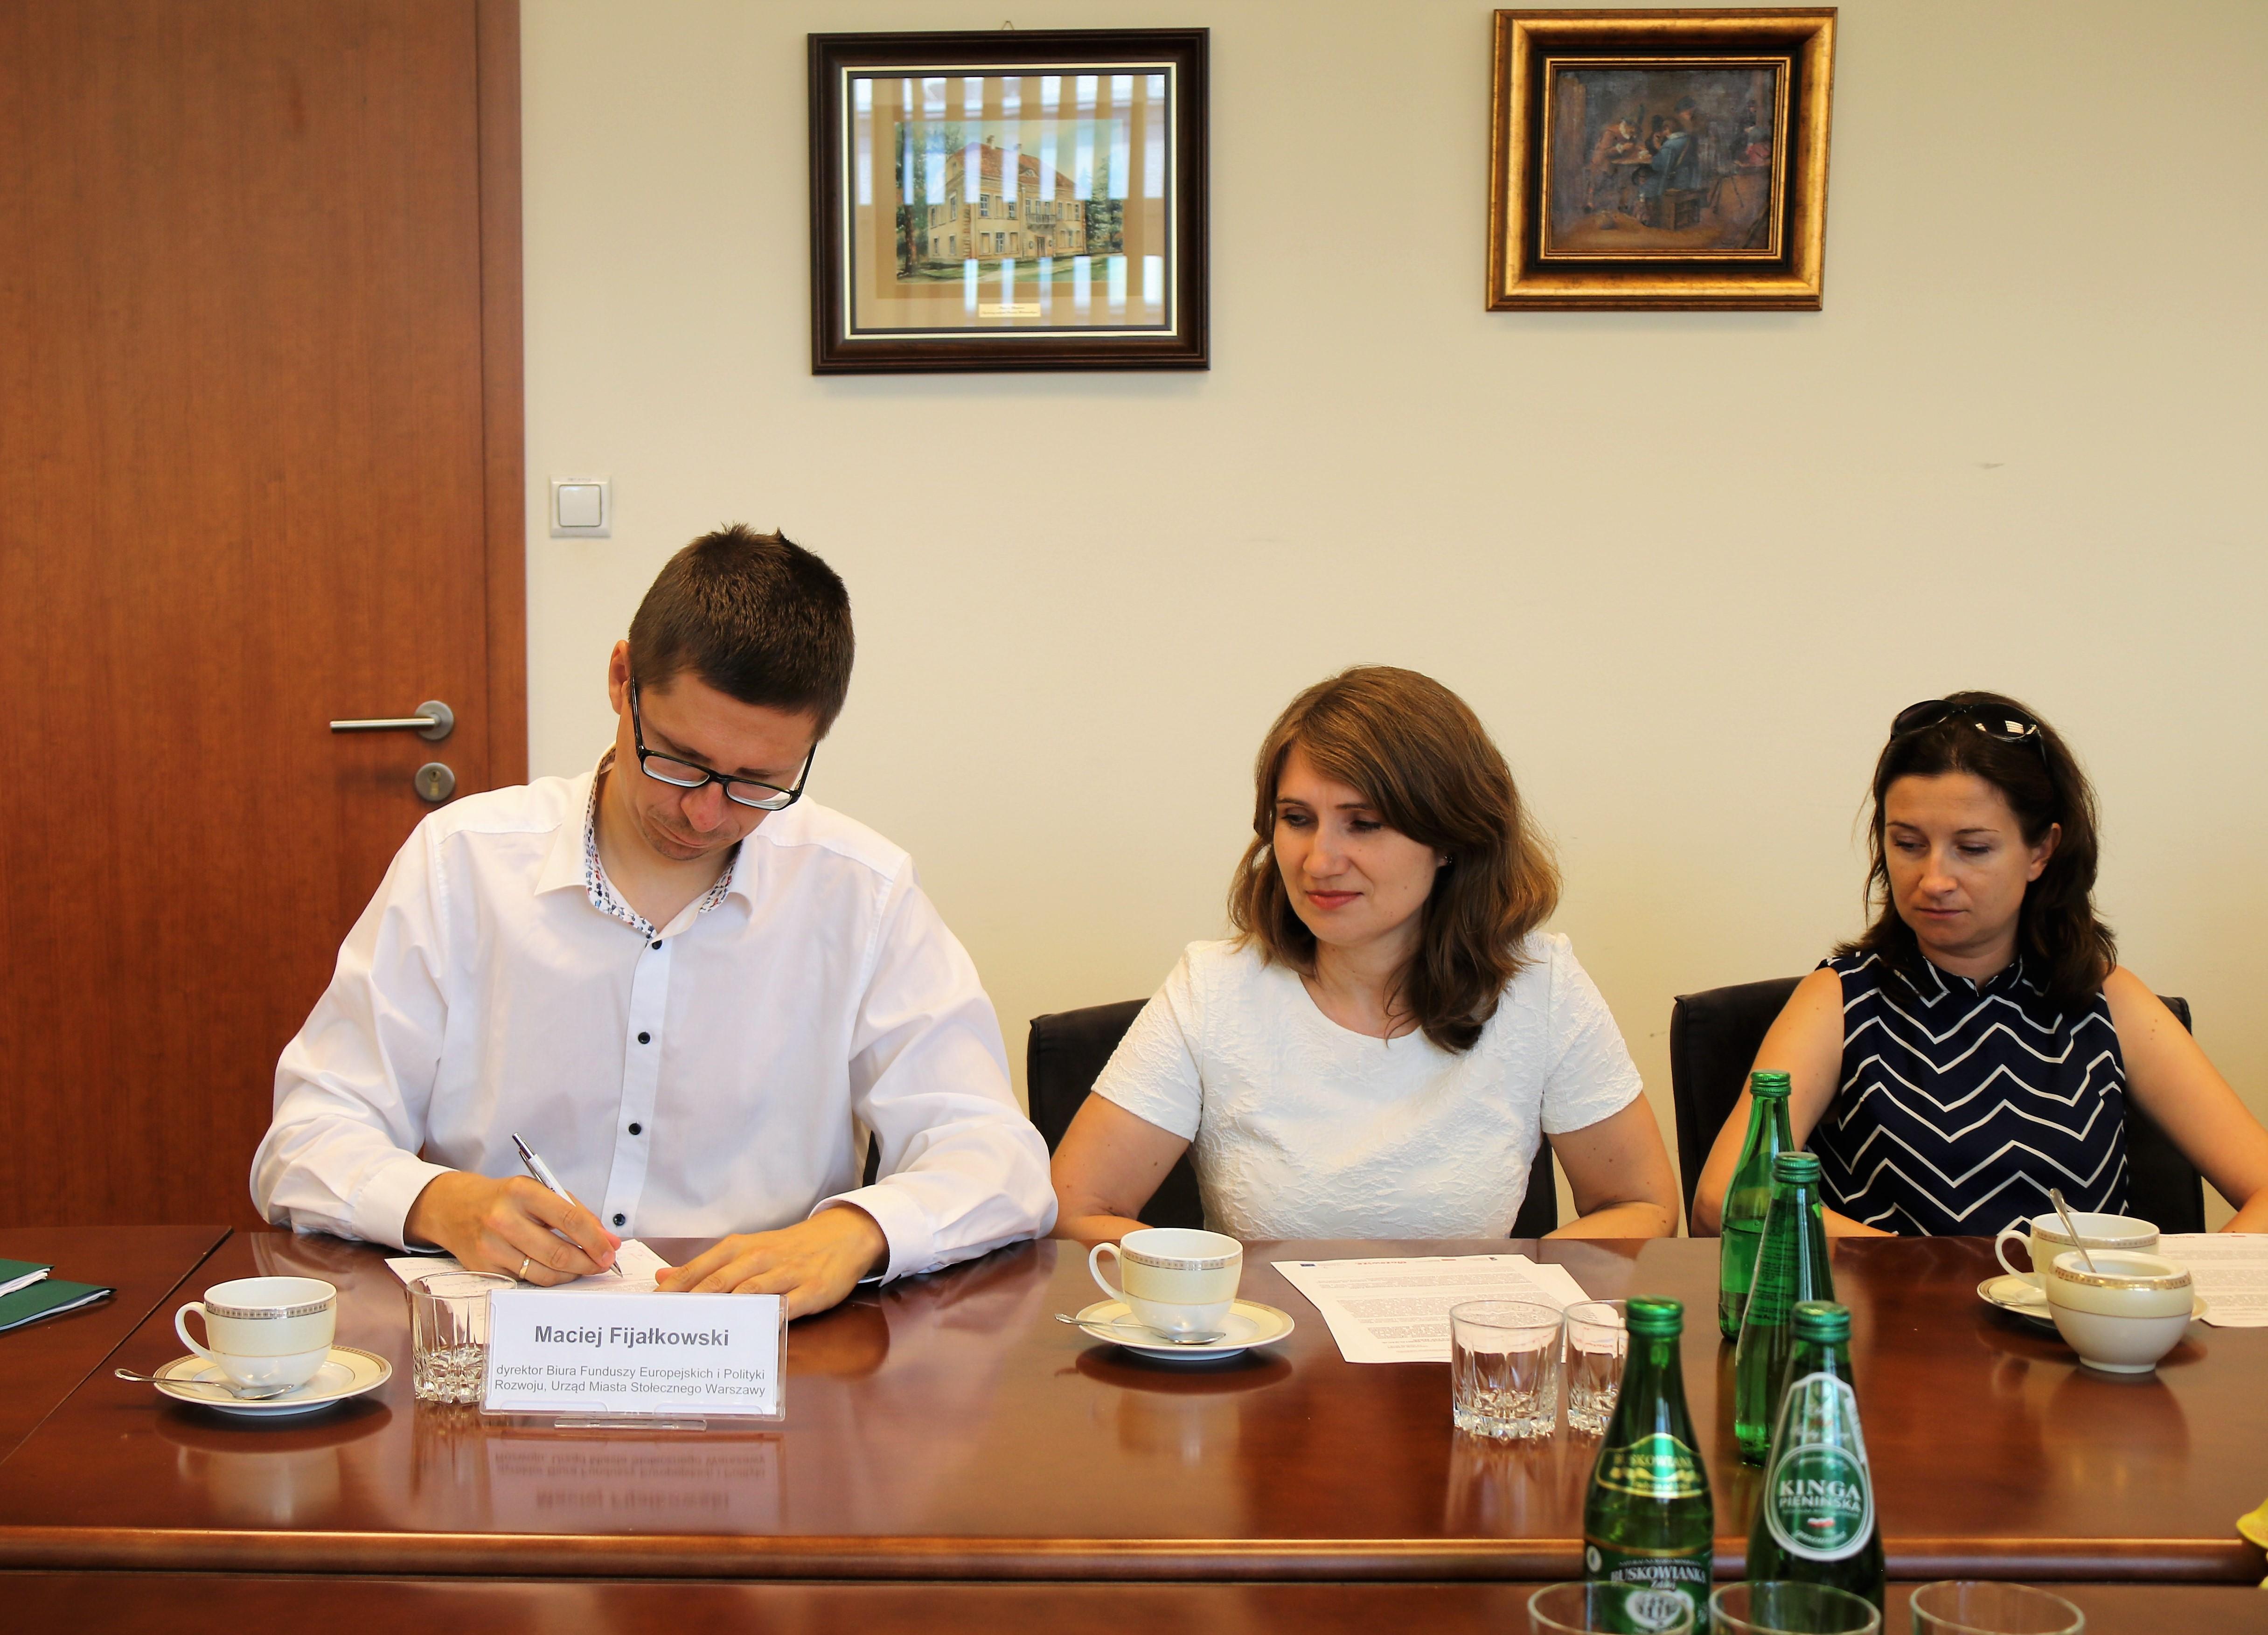 Uroczyste podpisanie umów o dofinansowanie unijne projektów z dz. 2.1 E-usługi, dz. 4.3 Redukcja emisji zanieczyszczeń i dz. 6.2 Rewitalizacja obszarów zmarginalizowanych